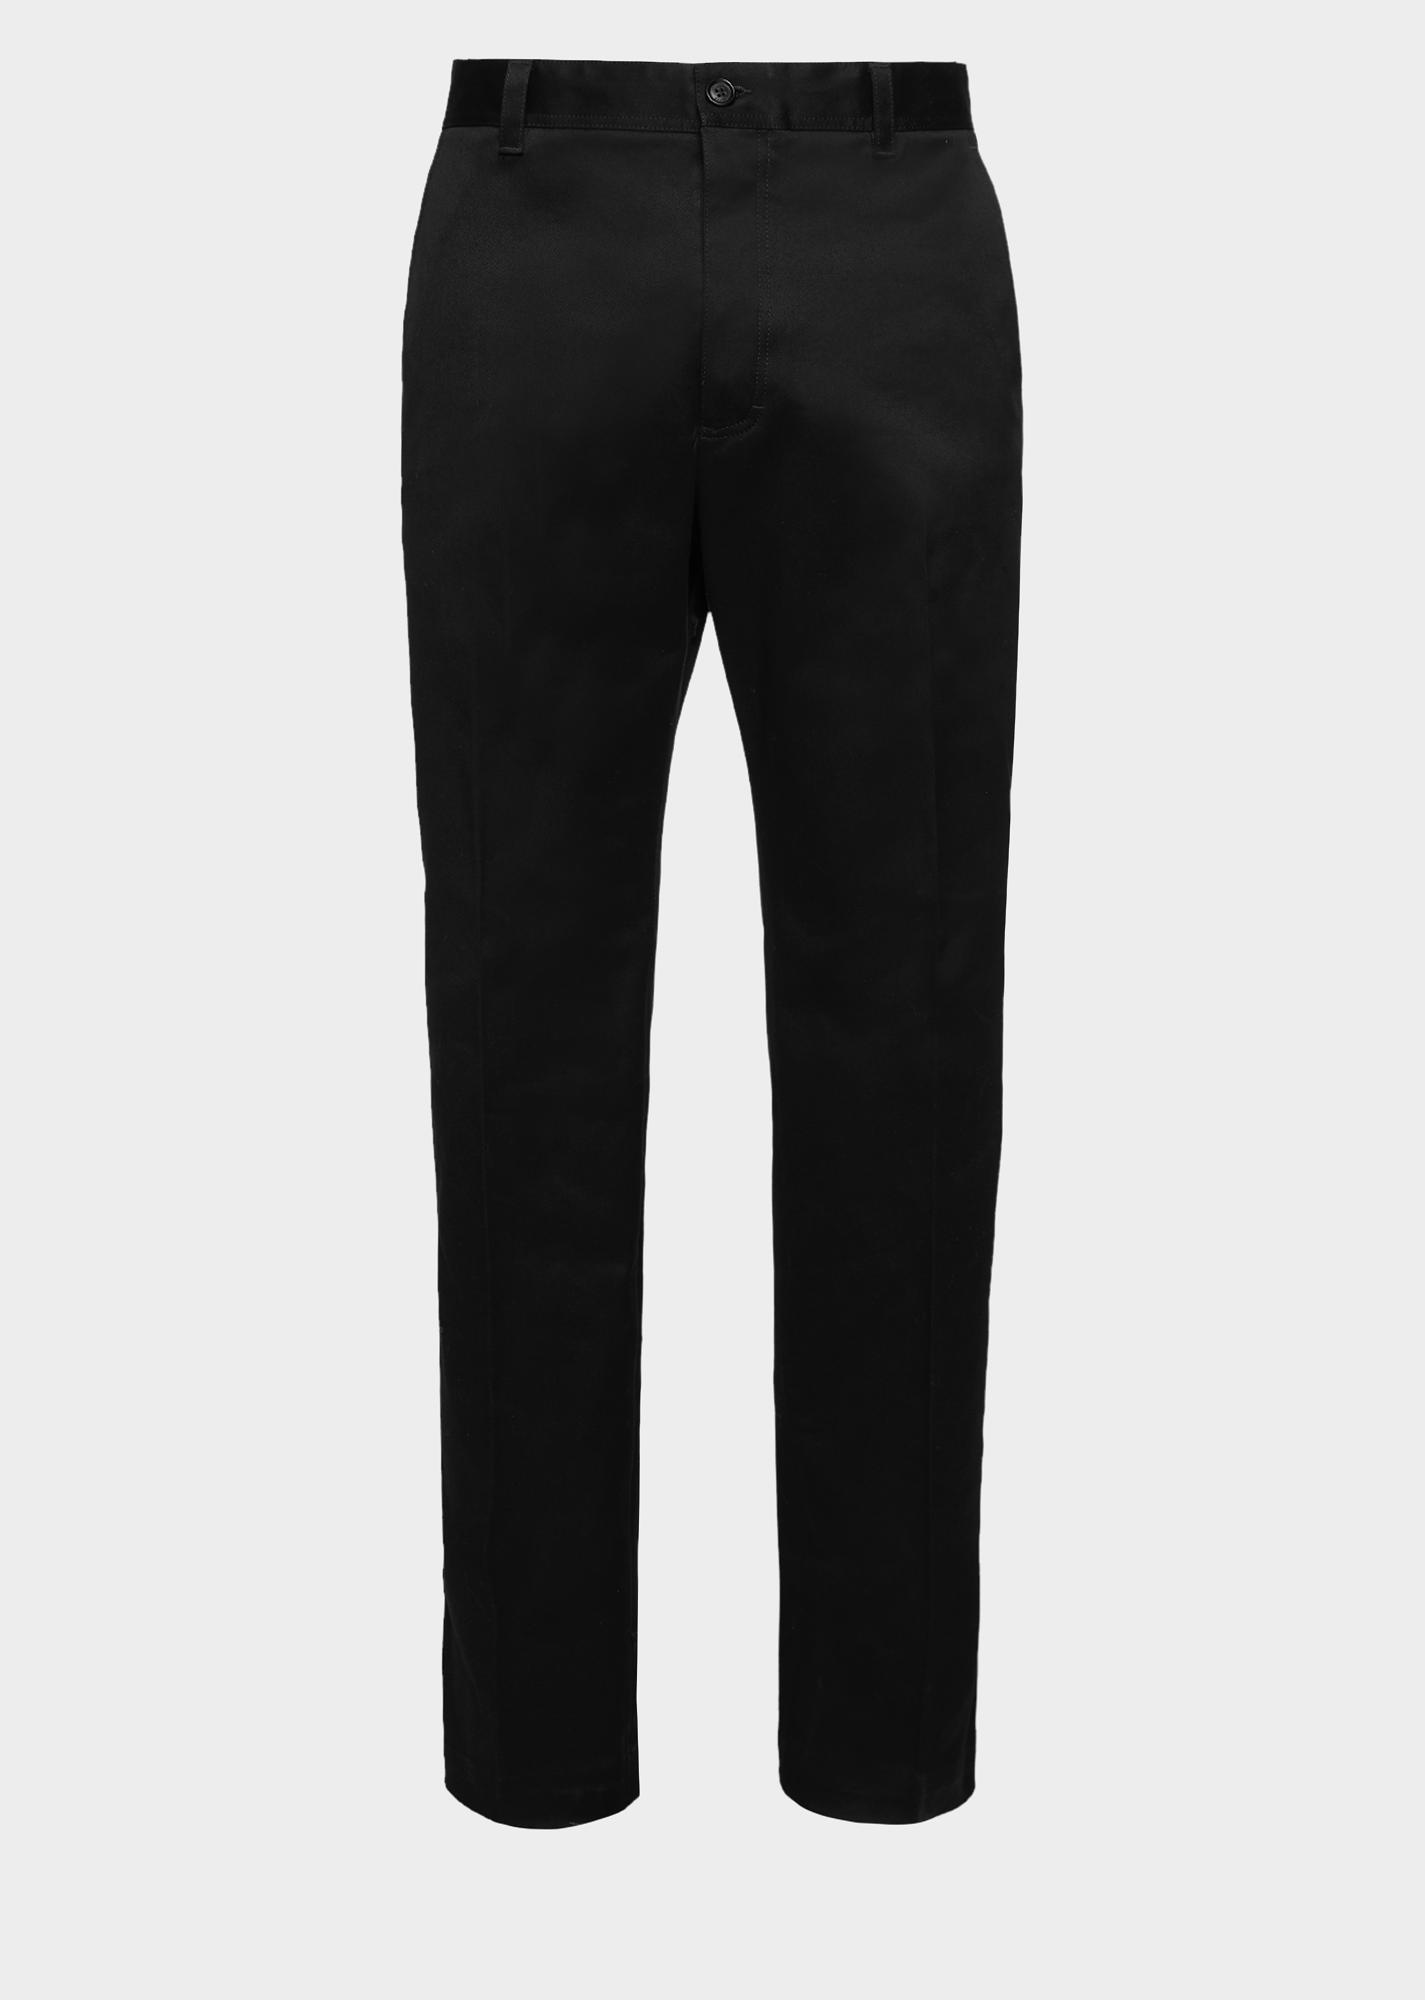 Versace Cotton Pants Versace Cloth Black Trousers Men Black Pants Men Cotton Pants